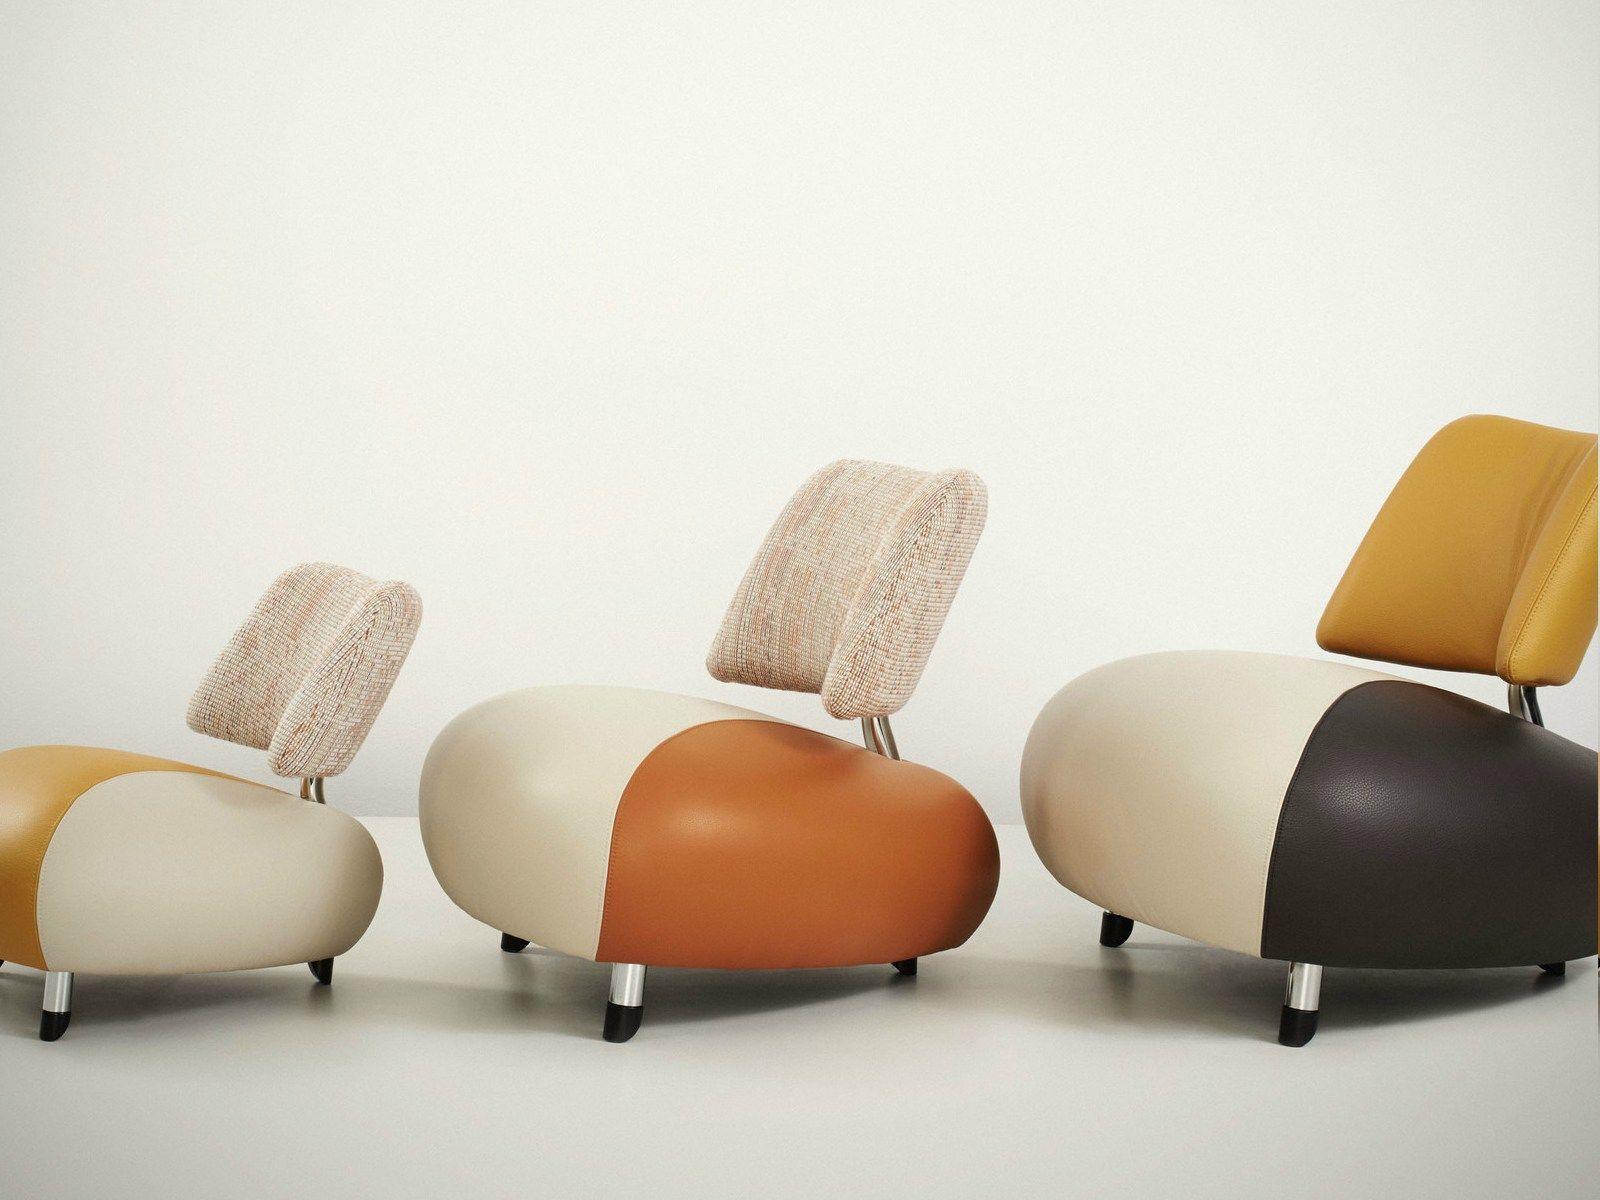 Leather Armchair PALLONE By LEOLUX Design Pierre Mazairac, Karel  Boonzaaijer, Roy De Scheemaker